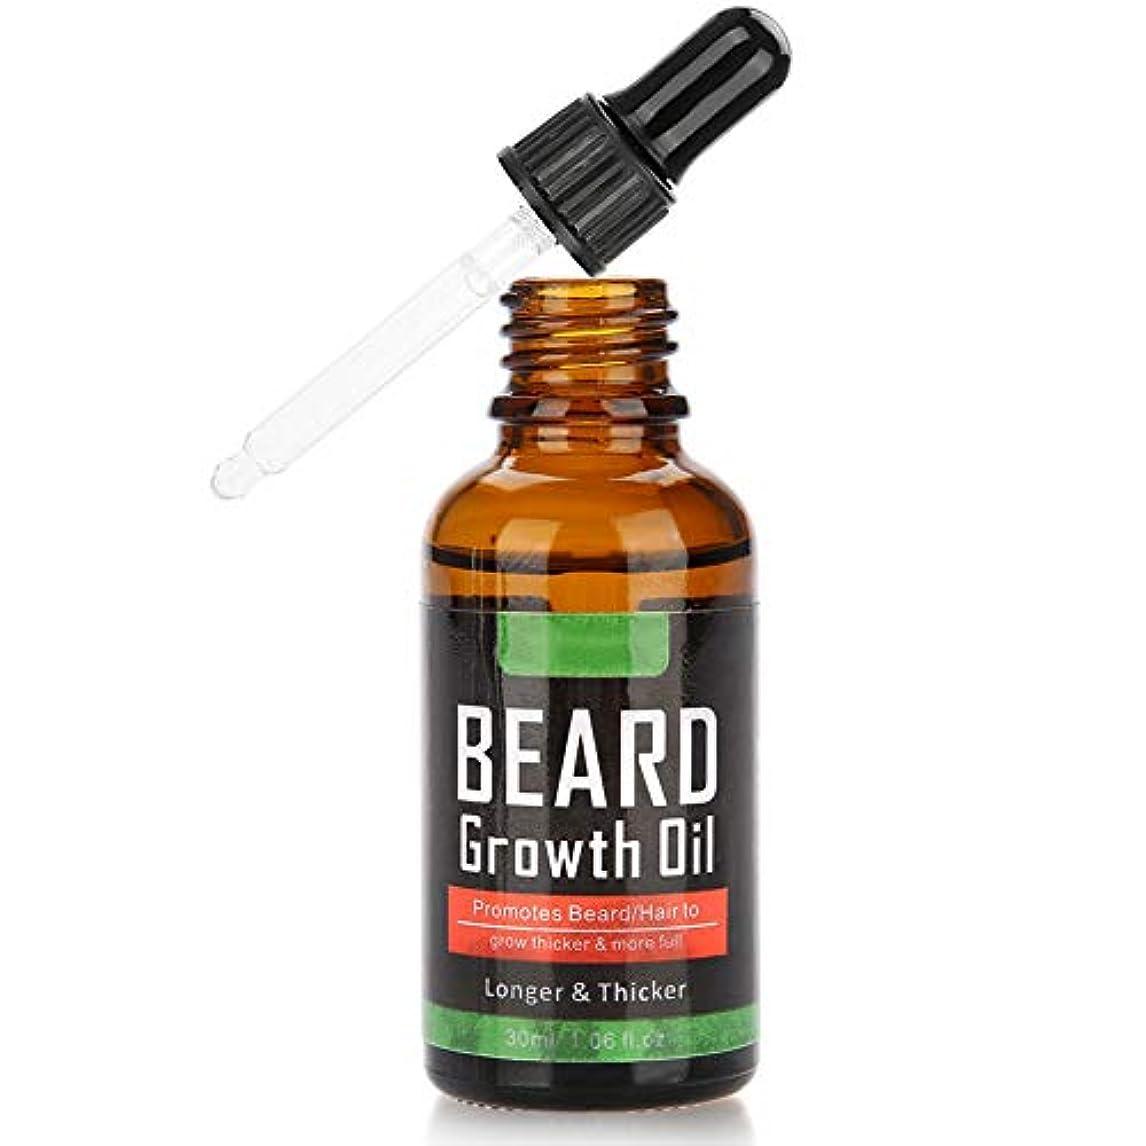 ひげ油 男性用ビアードオイル 30ml グルーミング ひげの成長 保湿 コンディショナー ひげの成長 保湿 ビアードケア製品